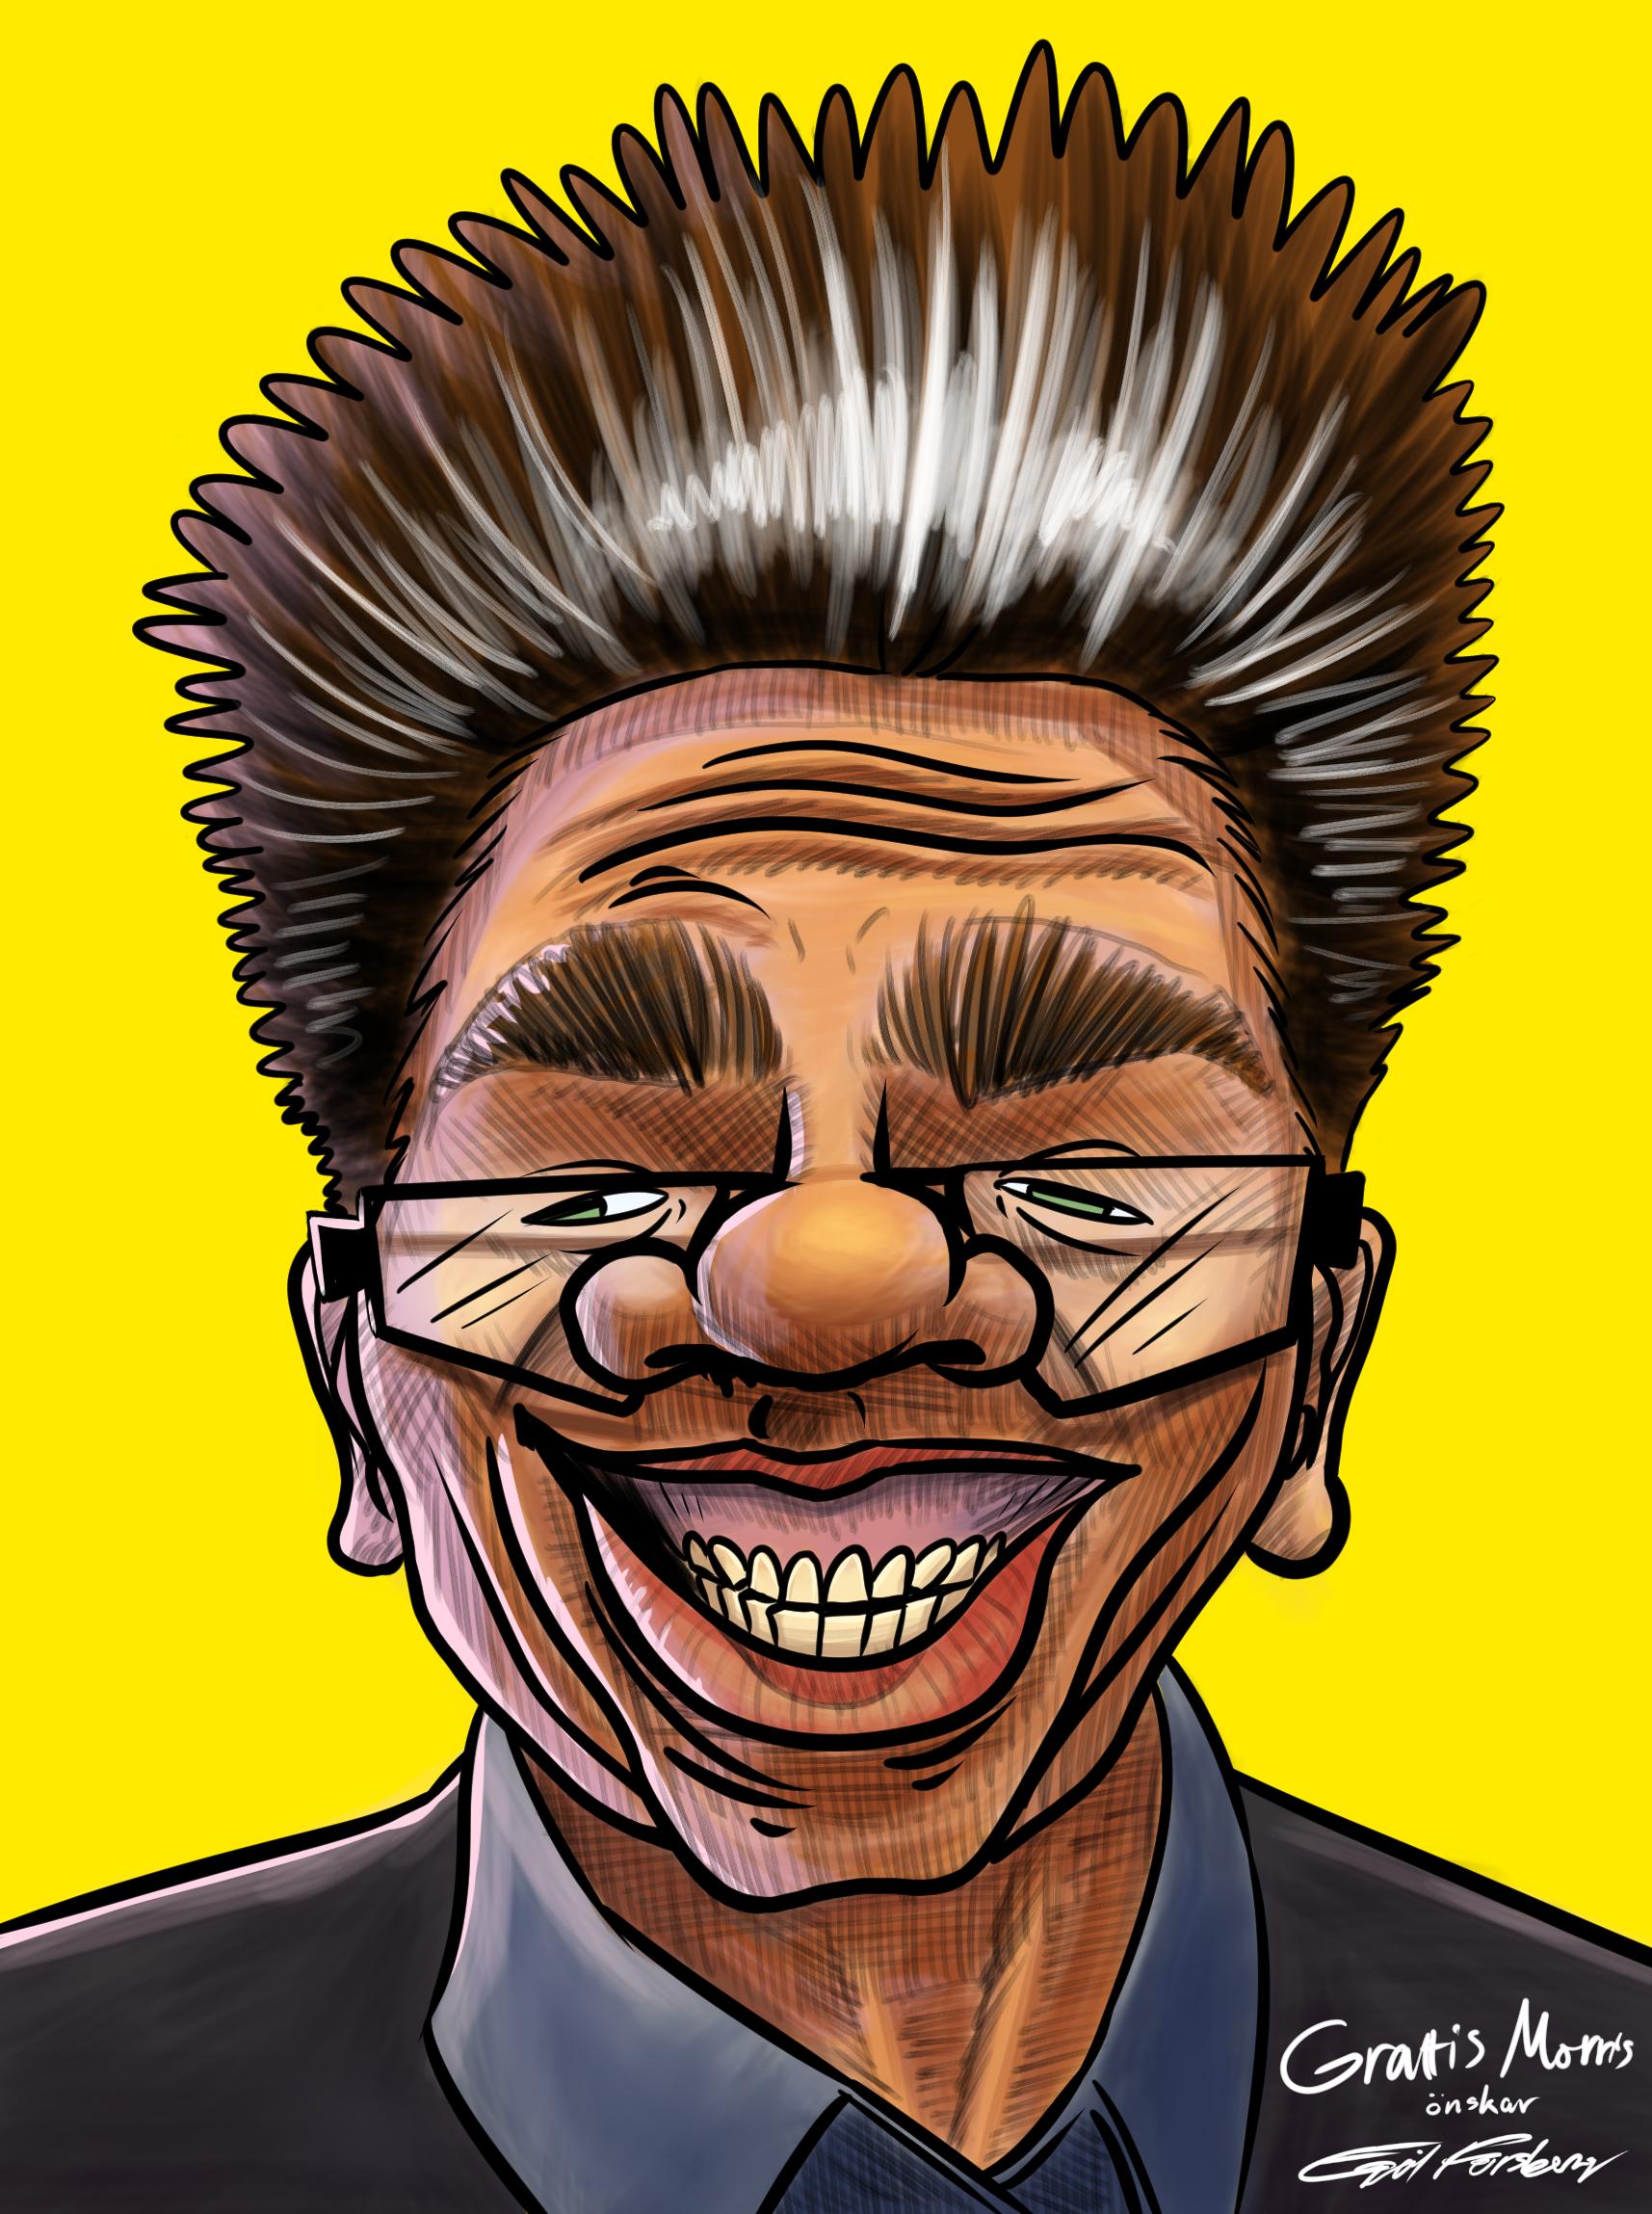 Morris Caricature